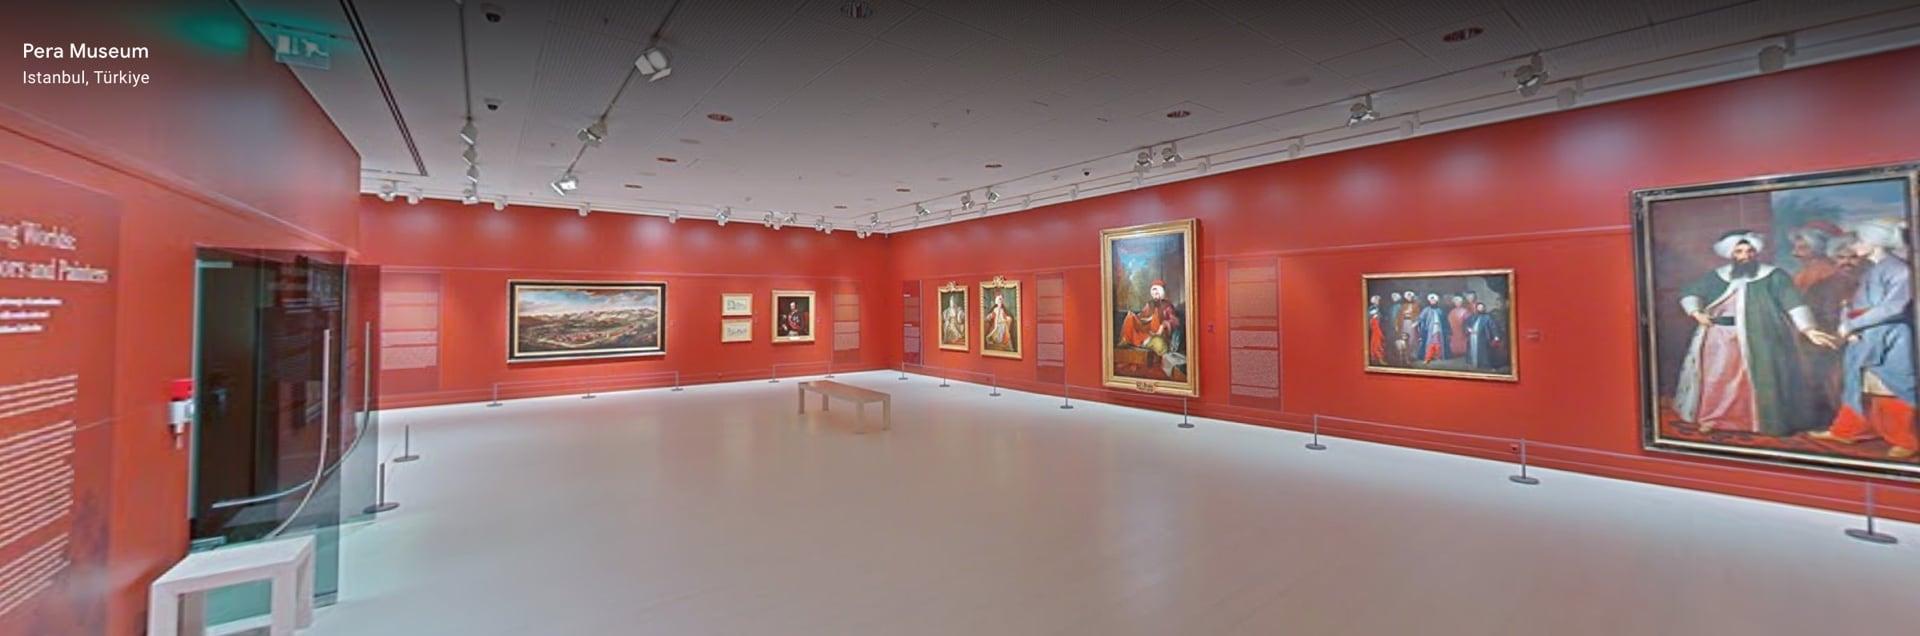 """Pera Müzesi, """"Kesişen Dünyalar: Elçiler VE Ressamlar"""" Sergisi, Google Arts & Culture Ekran Görüntüsü"""